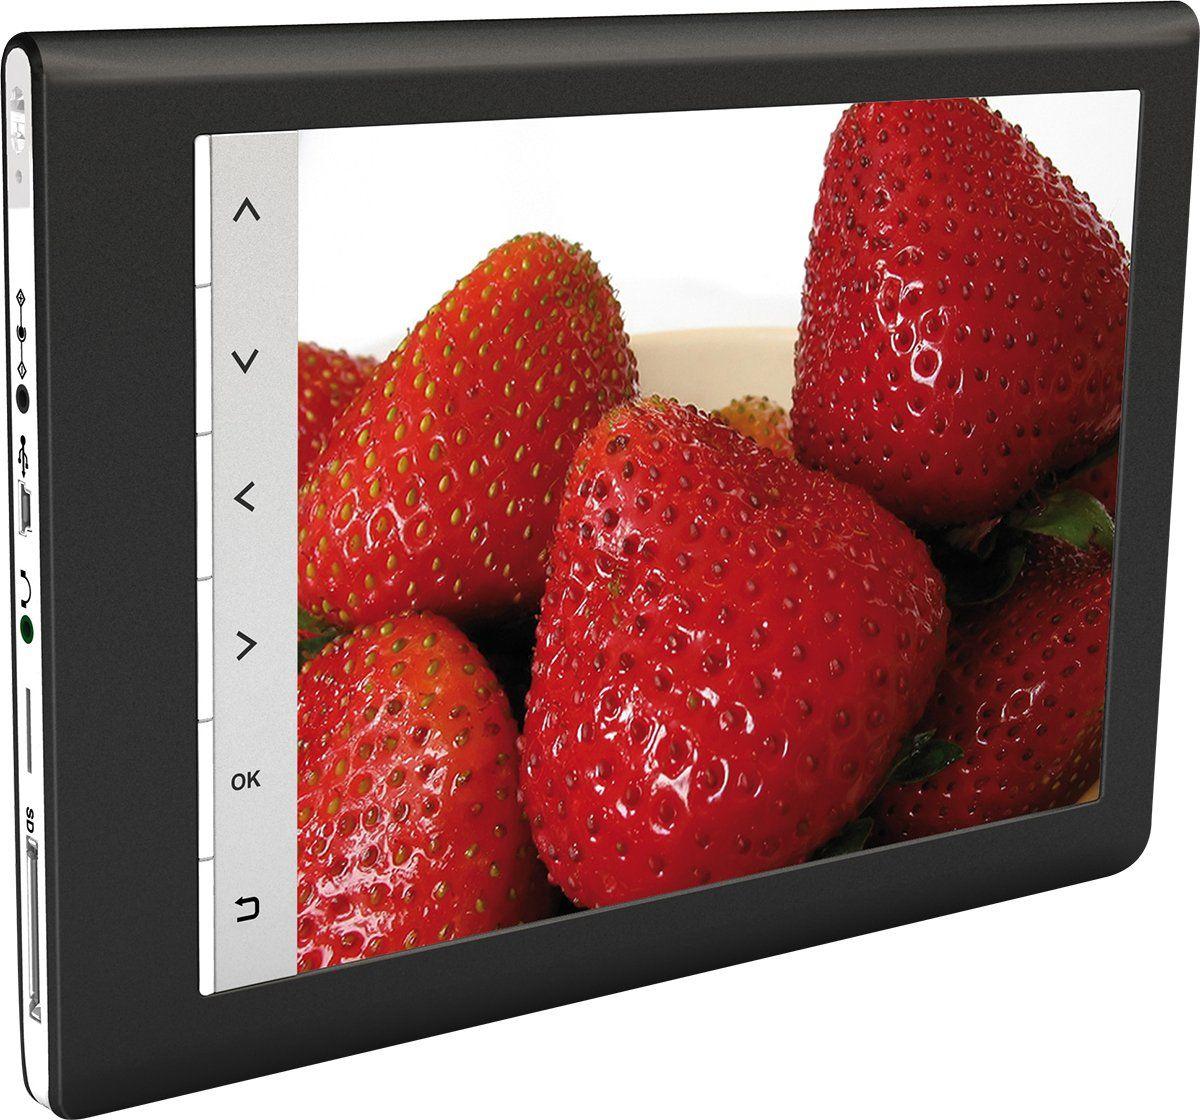 Rollei Designline 3086 ramka na zdjęcia (20,3 cm (8 cali), kolorowy wyświetlacz TFT LCD, proporcje obrazu 4:3)